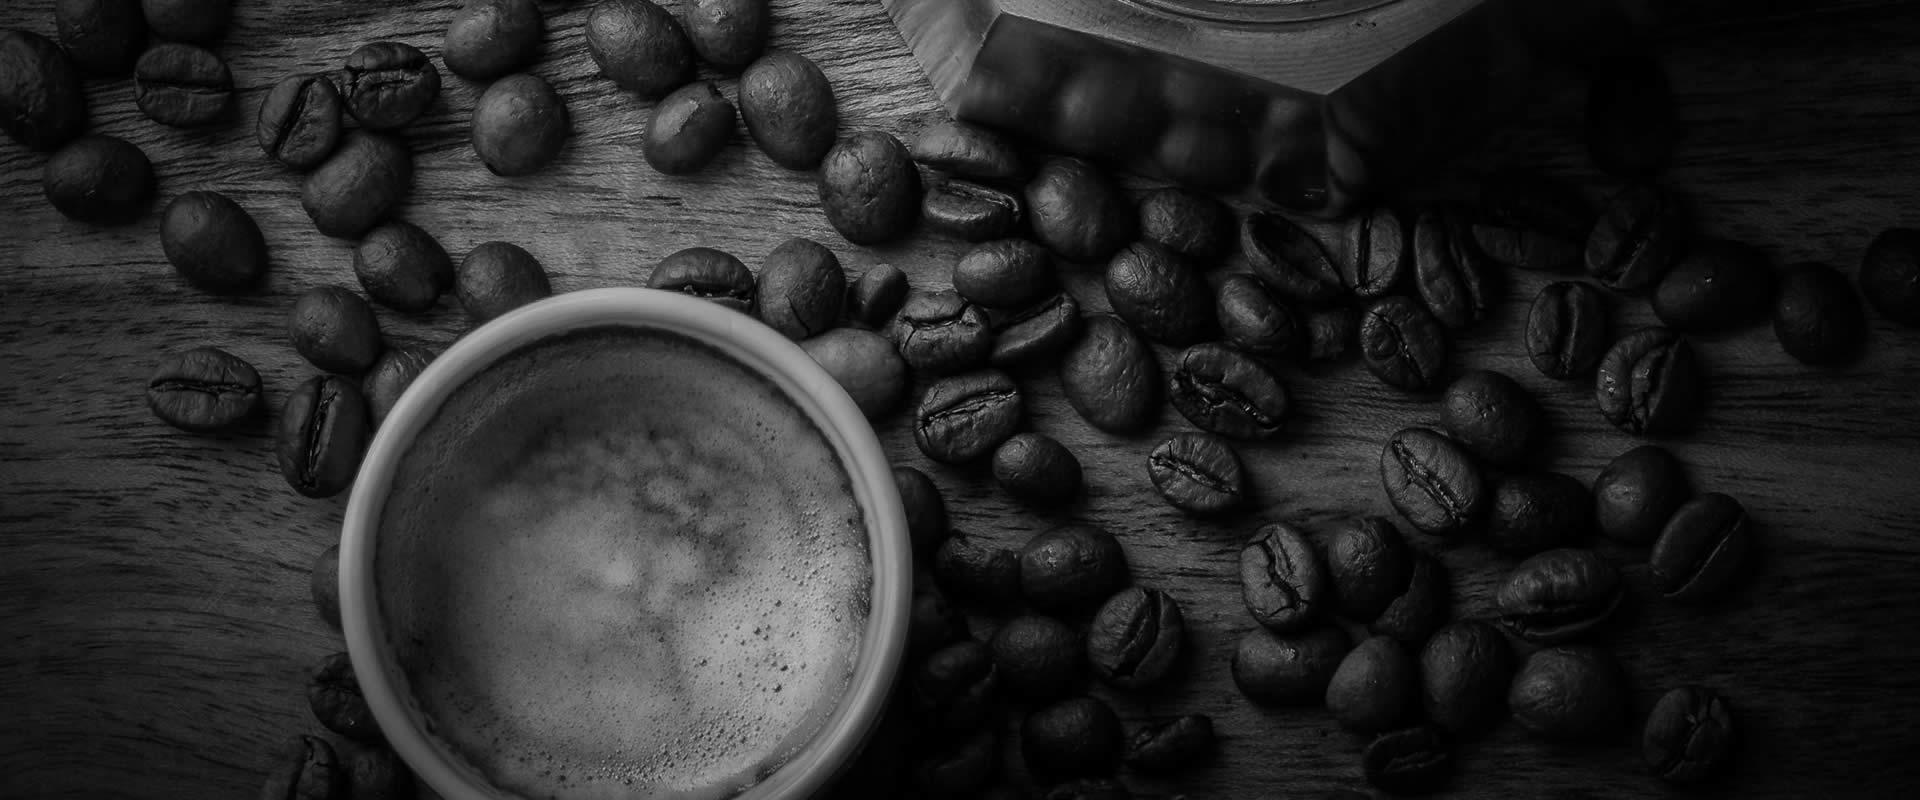 Ekspresy do kawy - naprawa